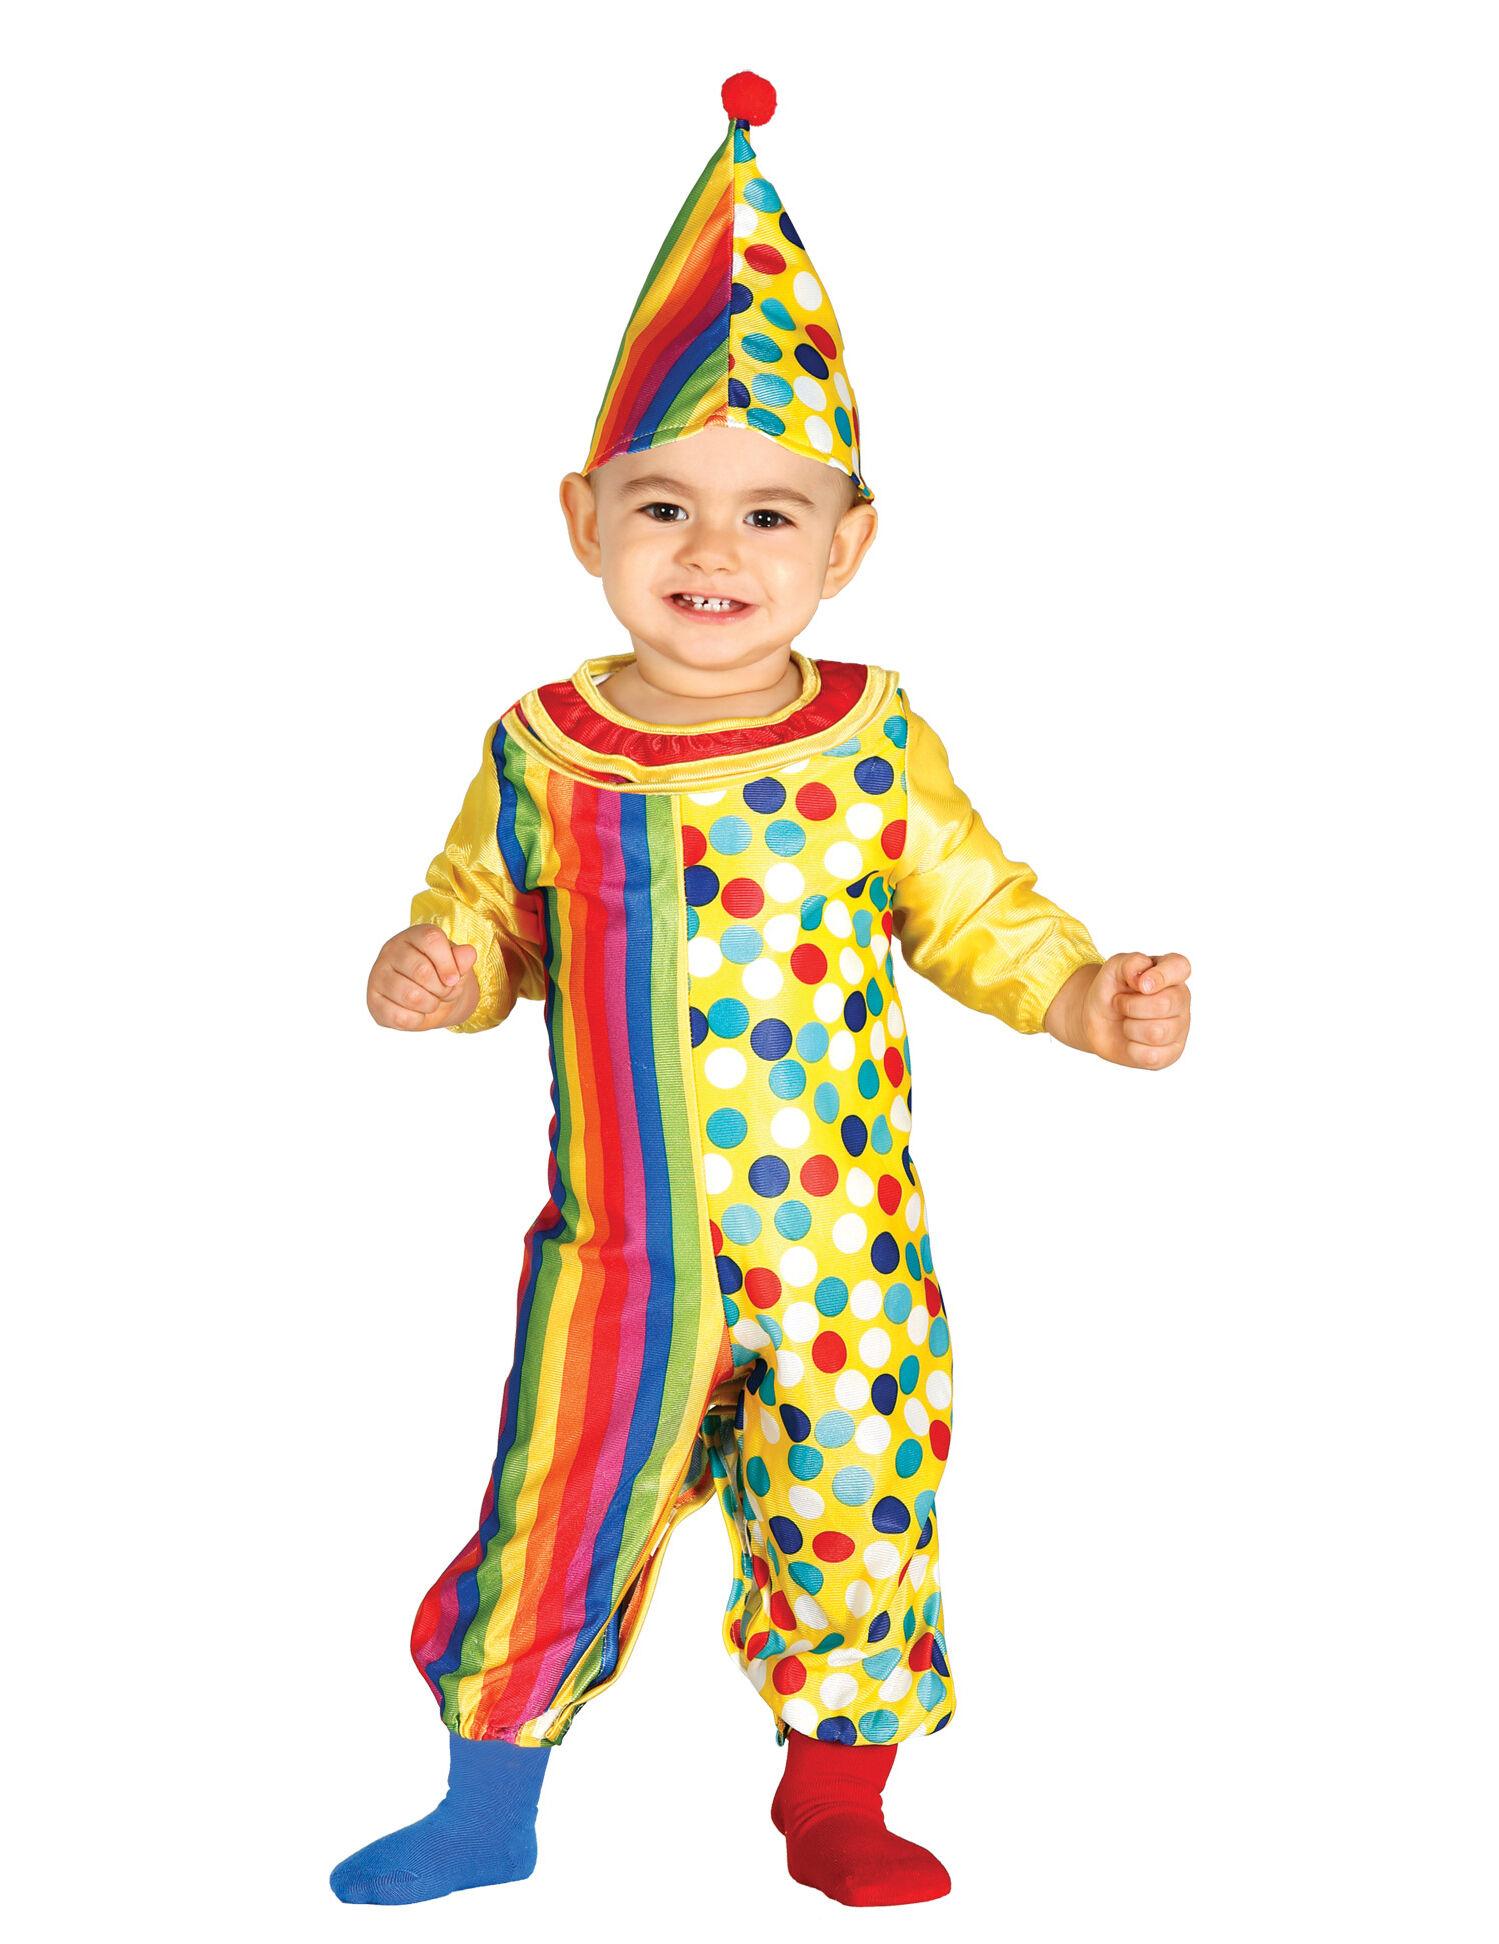 Deguisetoi Déguisement combinaison clown bébé - Taille: 6 à 12 mois (82-83 cm)